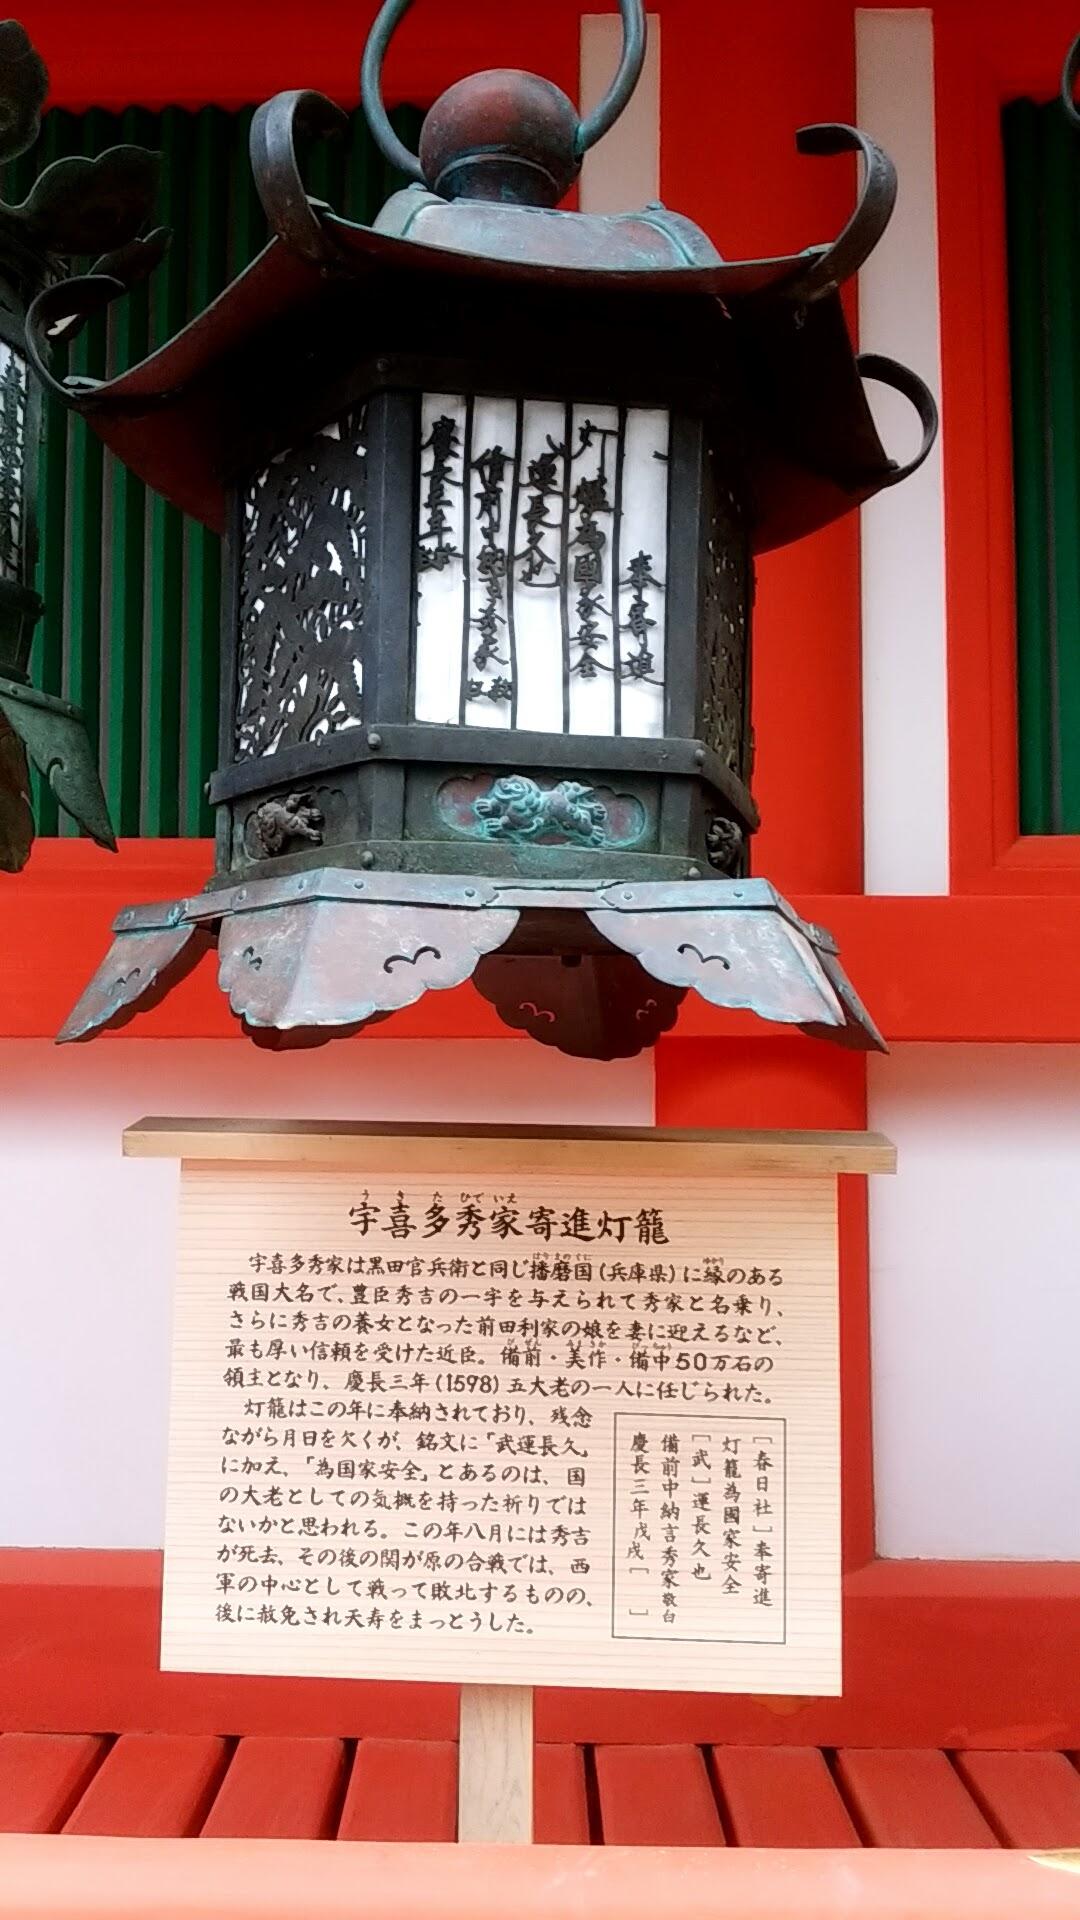 宇喜多秀家の燈籠